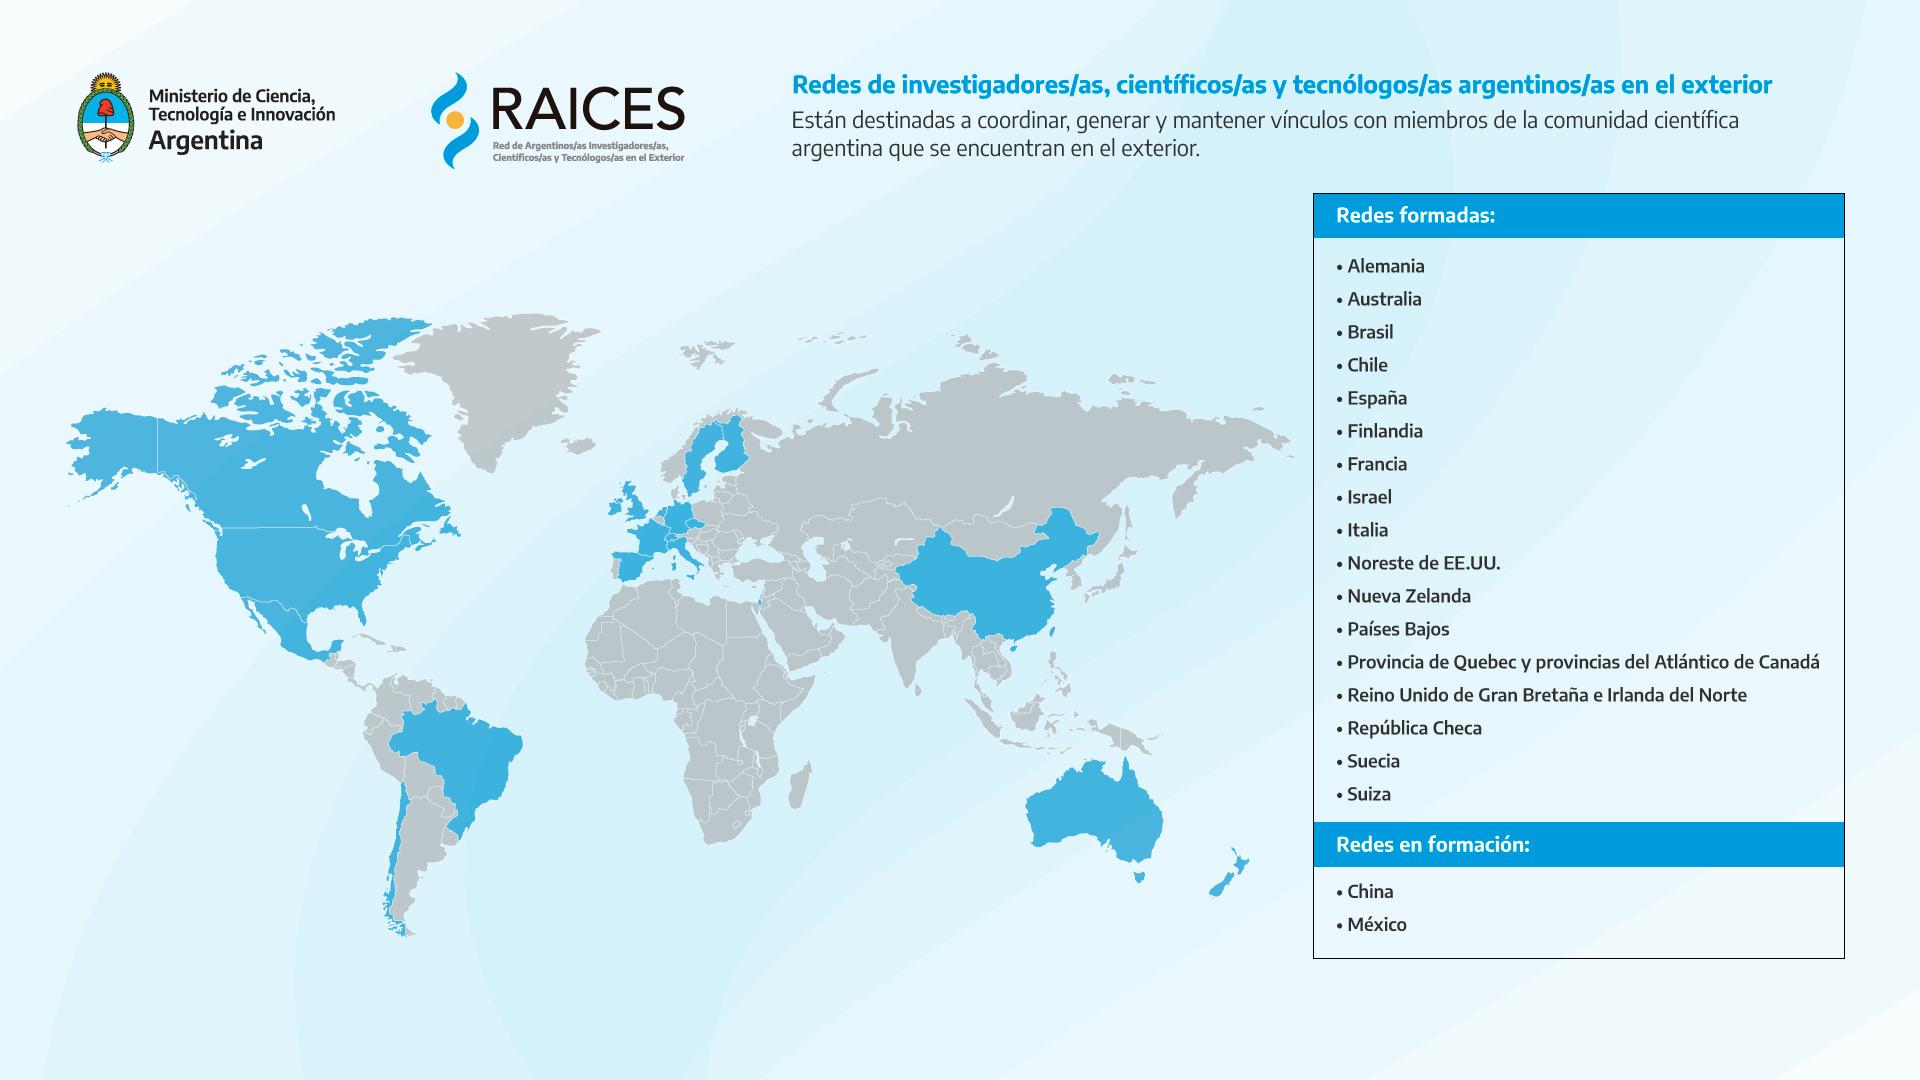 Mapa de Redes RAICES (actualizado al 29/7/2021)